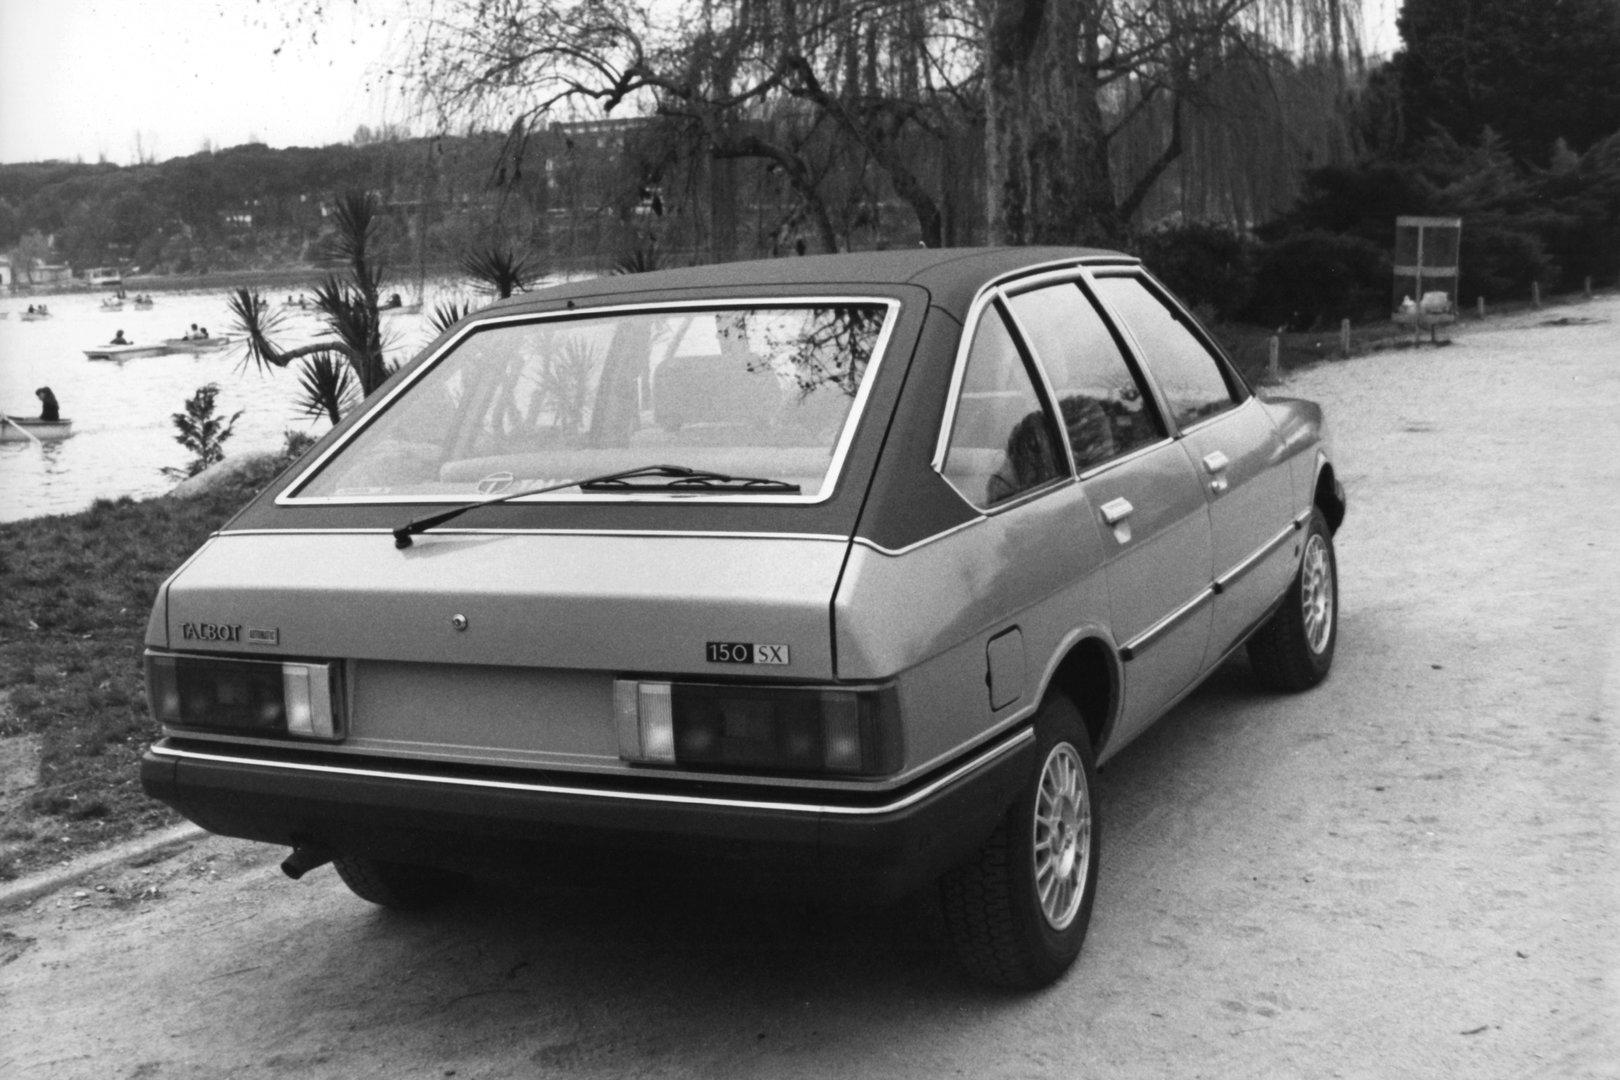 Talbot 150 SX